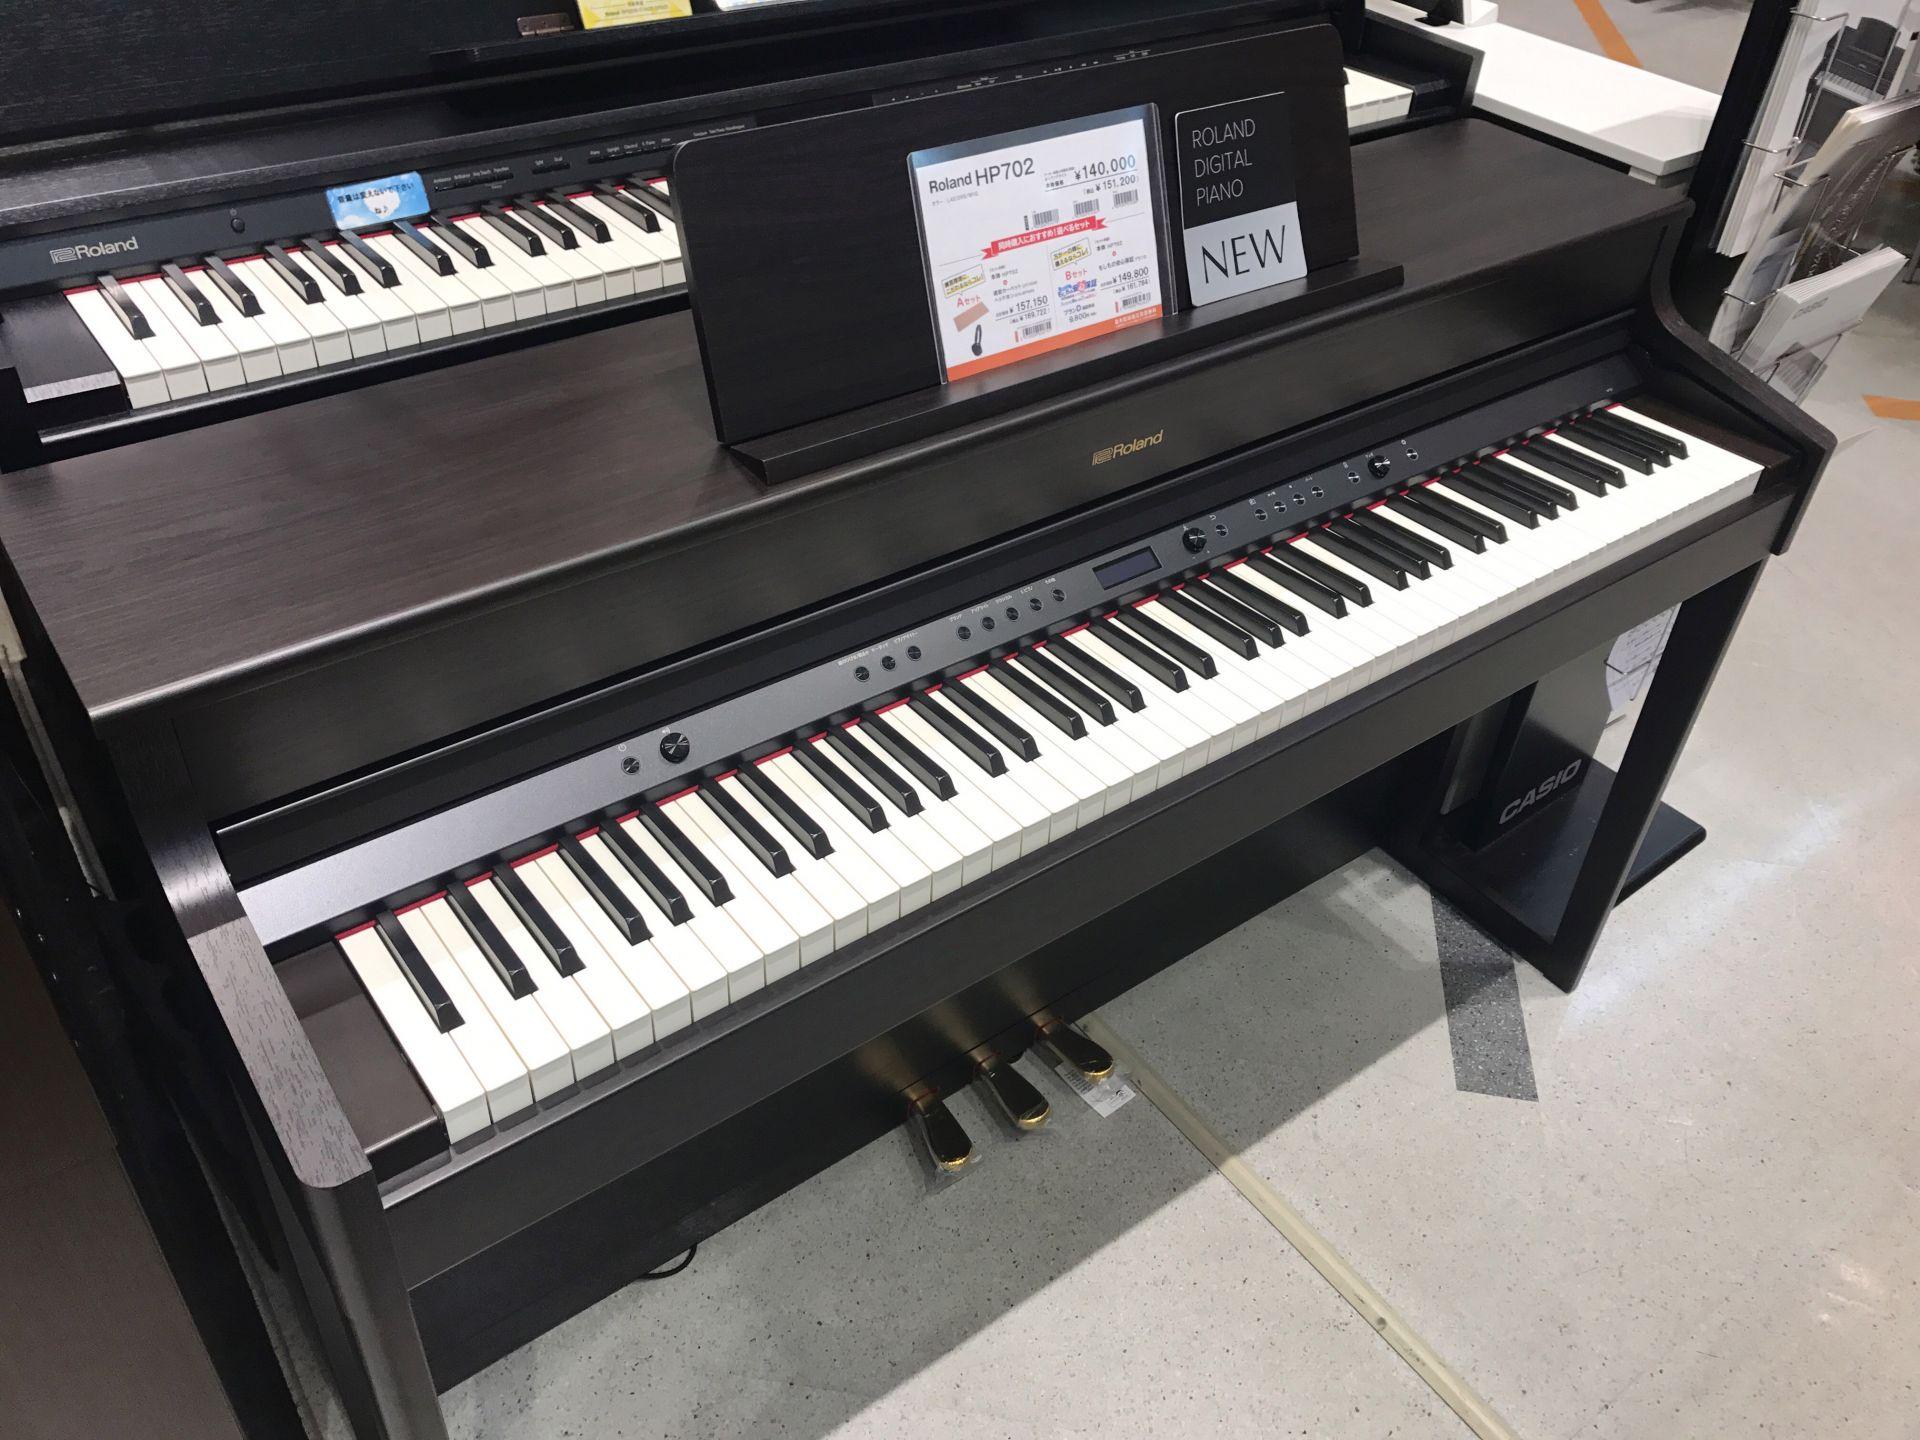 島村楽器イオンモール高崎店 HP702 Roland 電子ピアノ ローランド